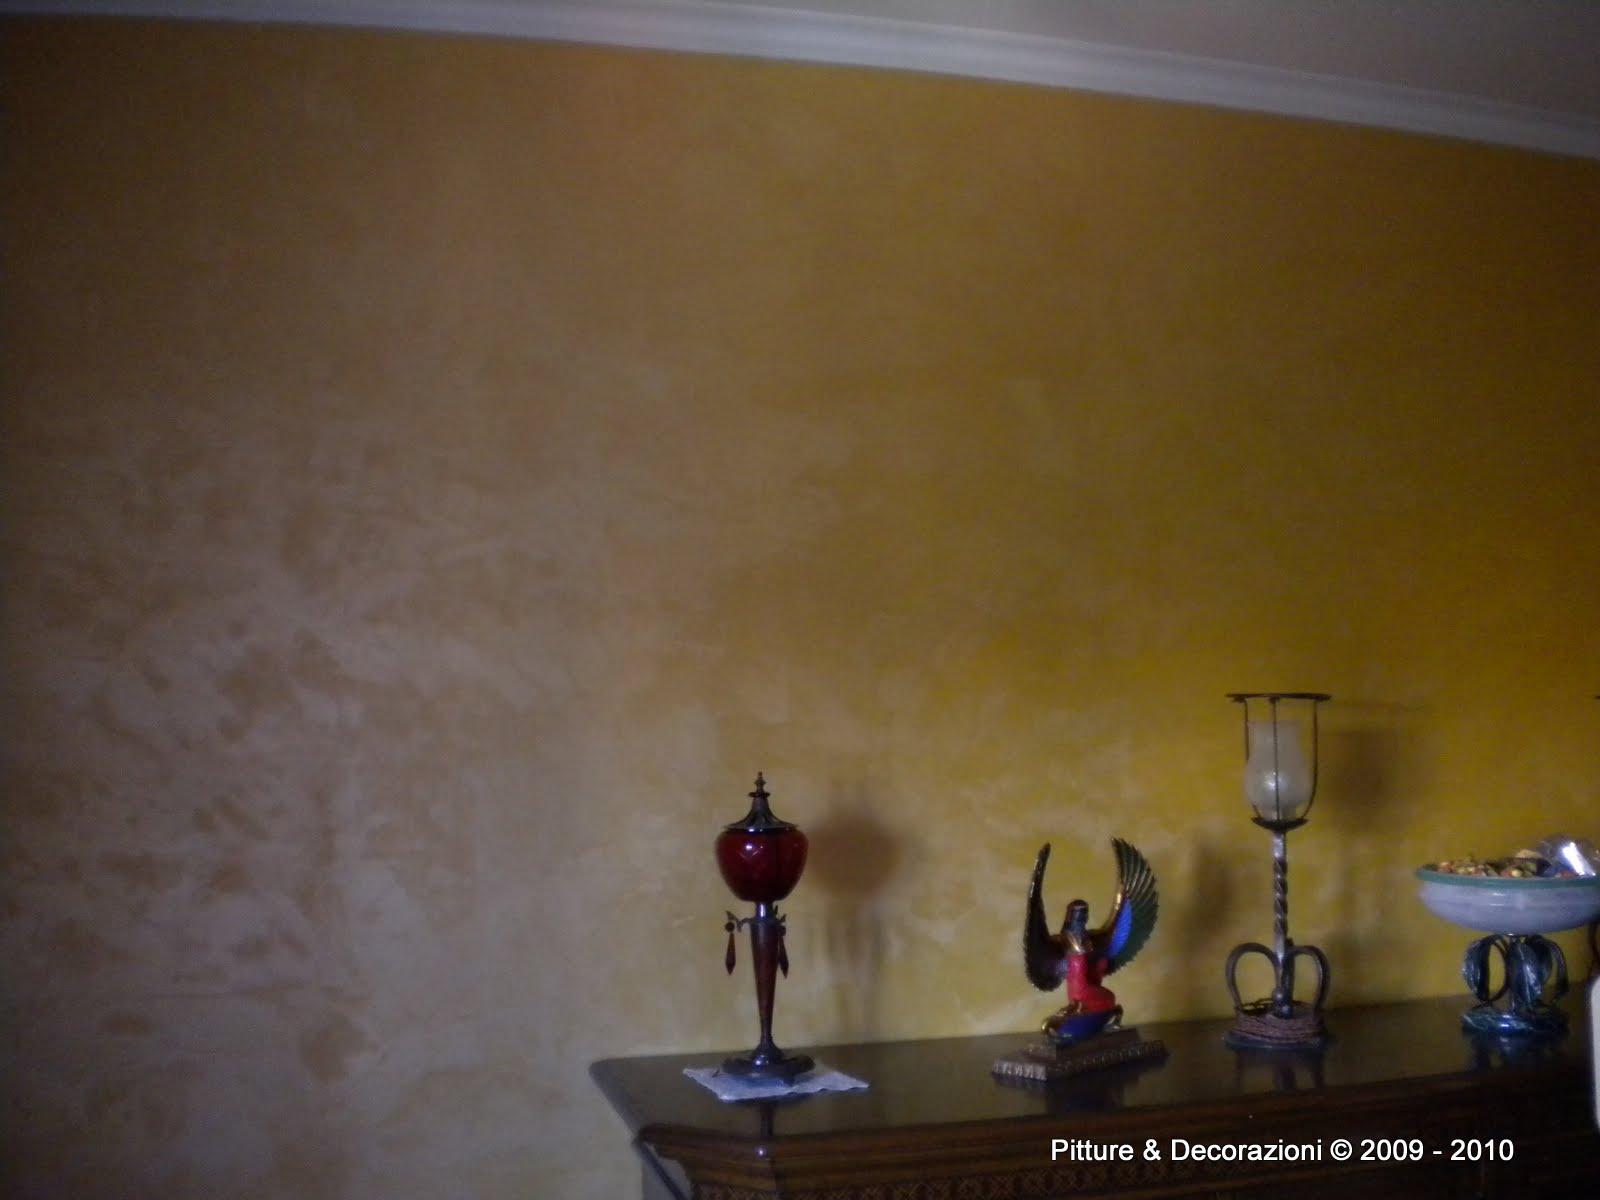 Pitture&decorazioni: novembre 2010